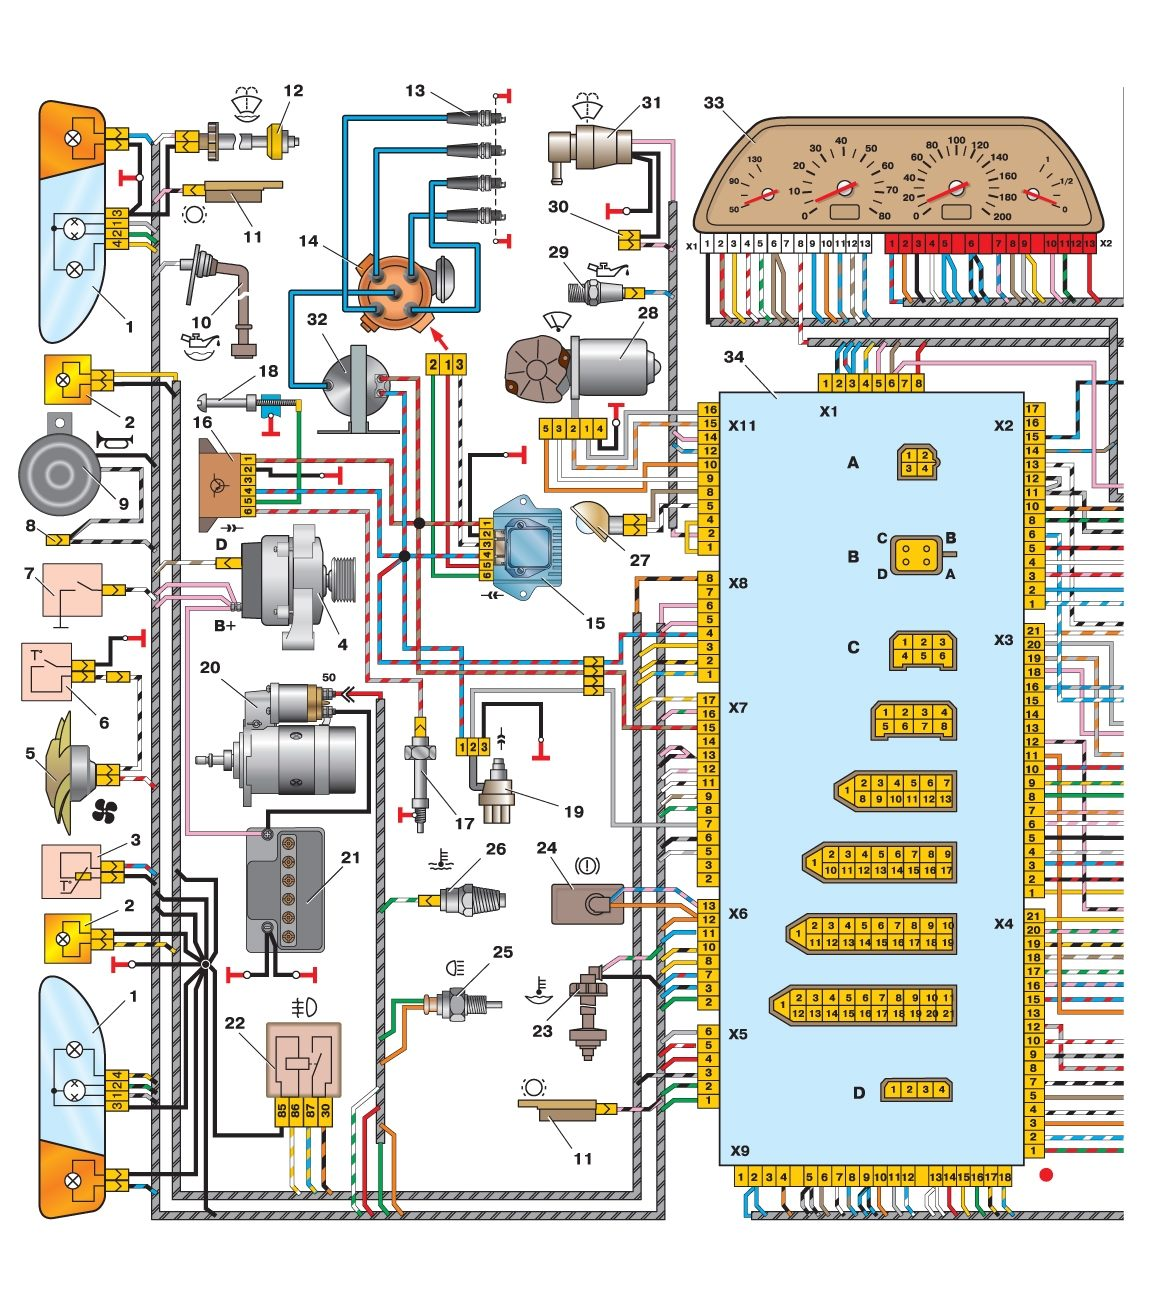 В электронном виде представлены подробные и цветные схемы электрооборудования для автомобилей Lada Granta...